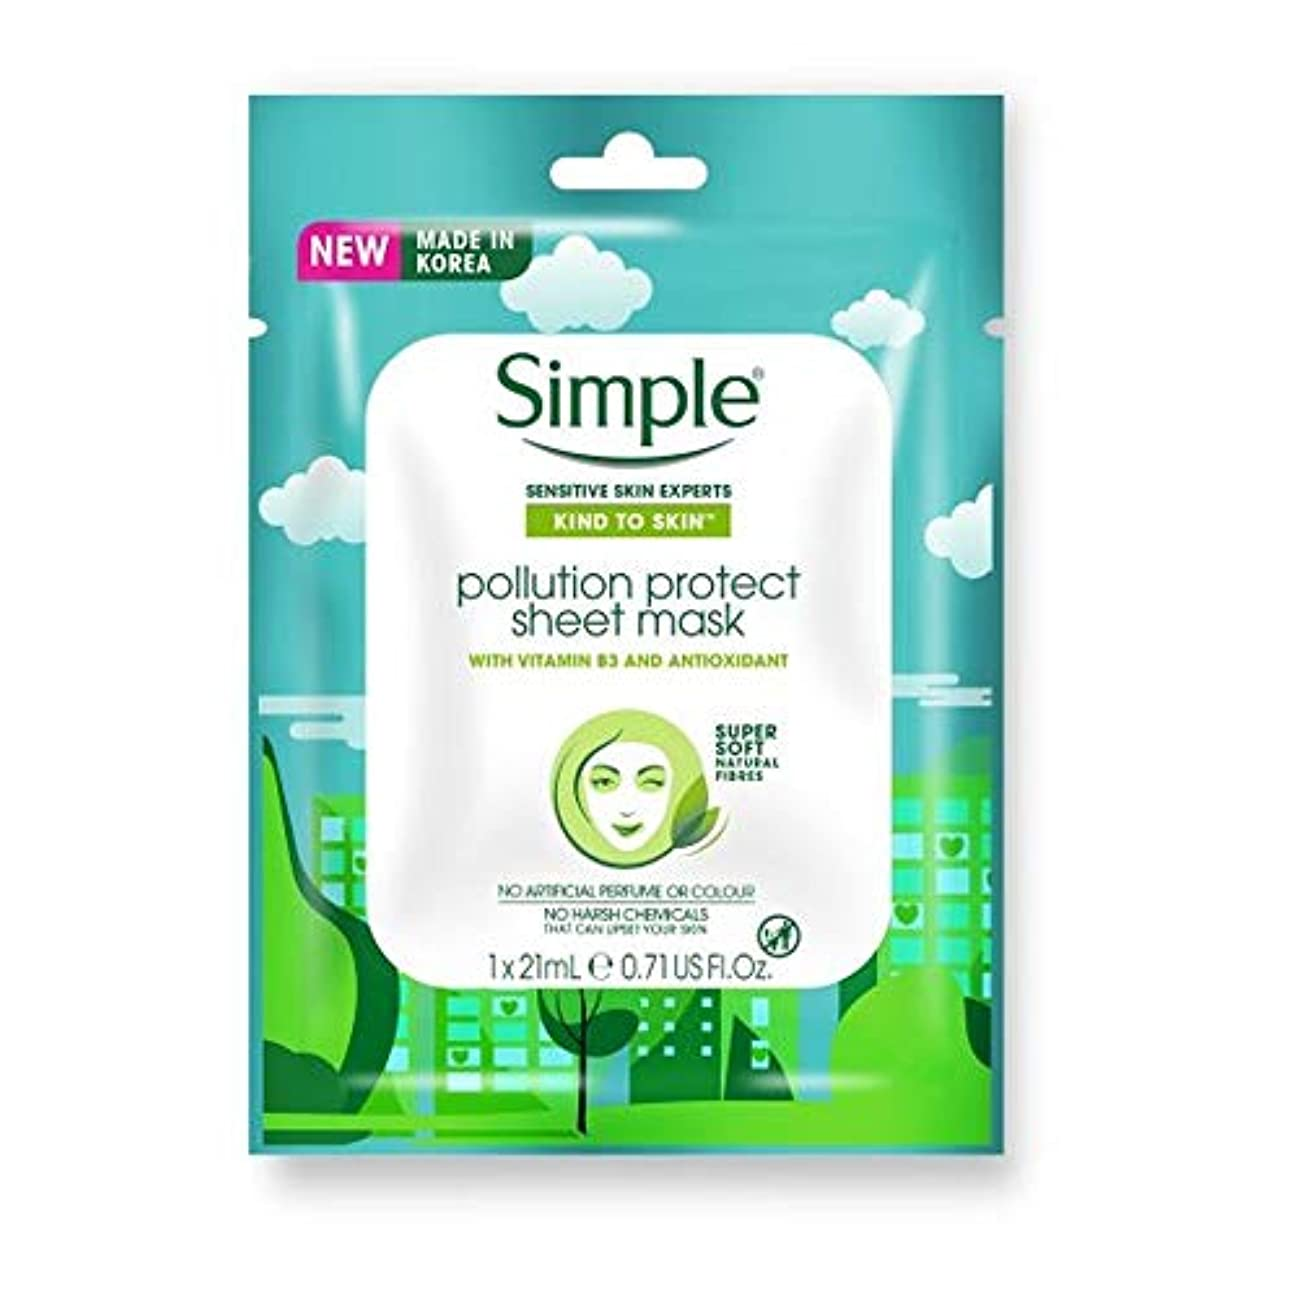 カバレッジぎこちない悪性の[Simple] 皮膚汚染への単純な種類のシートマスク21ミリリットルを保護 - Simple Kind To Skin Pollution Protect Sheet Mask 21Ml [並行輸入品]